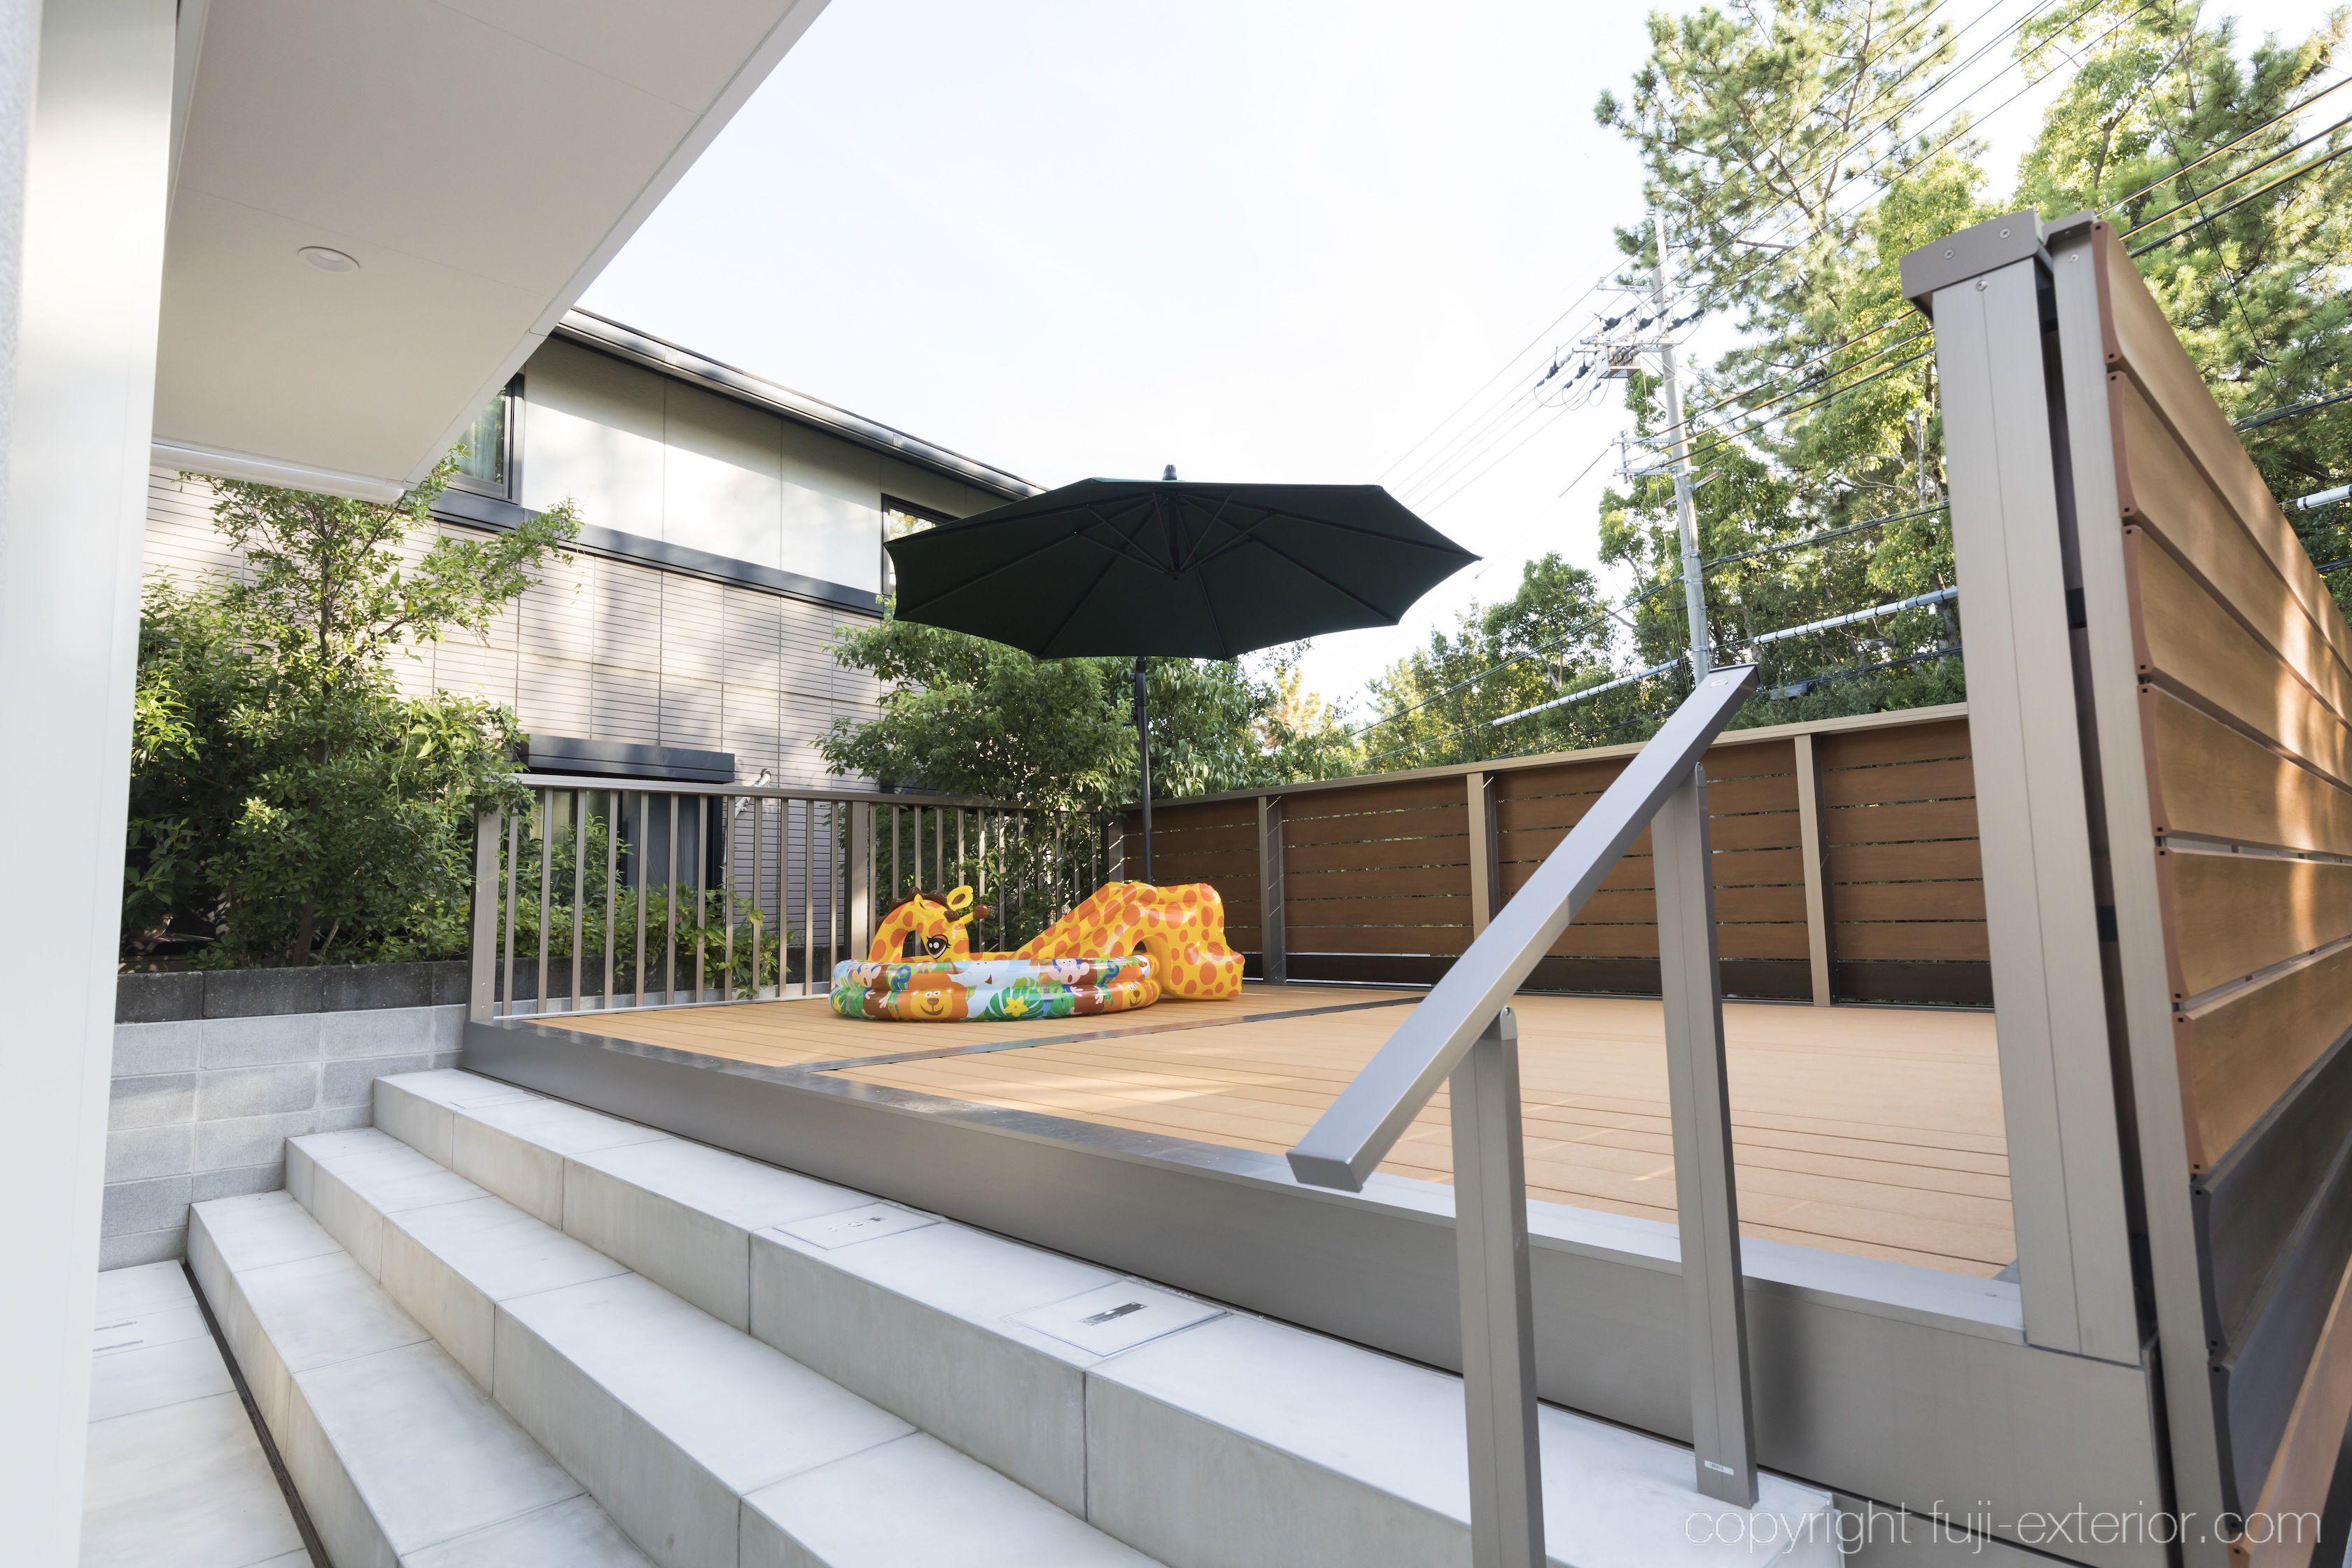 バルコニー ハンギングパラソル ガーデンパラソル 日よけ シェード ウッドデッキ 大阪 外構工事 エクステリア アウトドアリビング